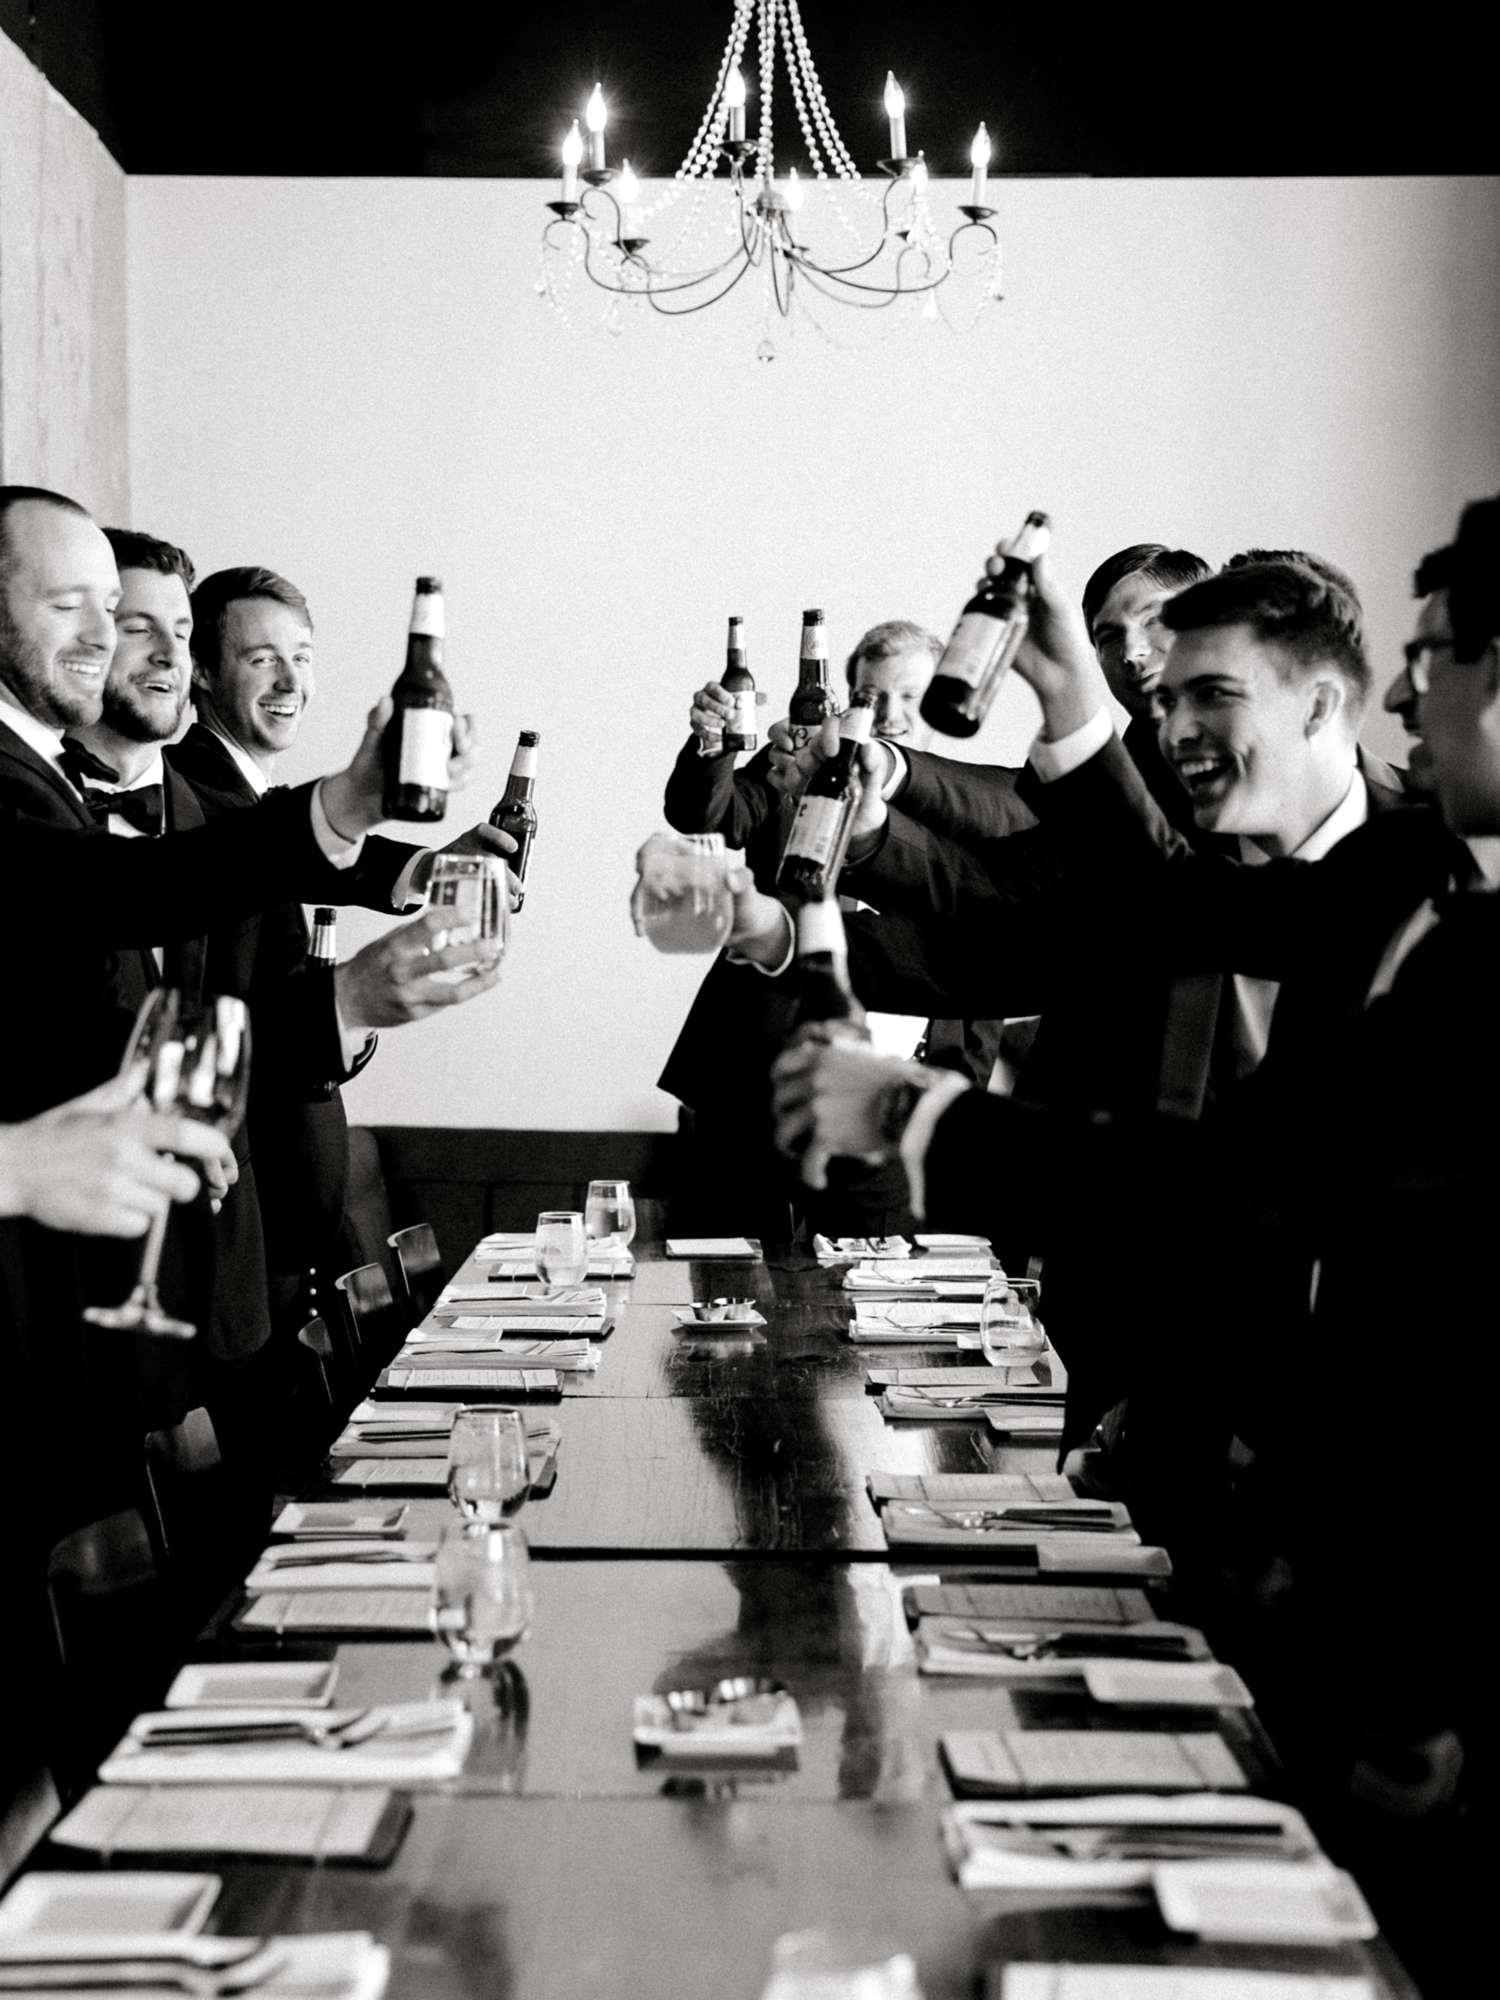 MARLEE+LLOYD+MORGAN+ALLEEJ+TEXAS+TECH+MERKET+ALUMNI+WEDDINGS+LUBBOCK+WEST+TABLE+CLASSIC+SPAIN_0009.jpg